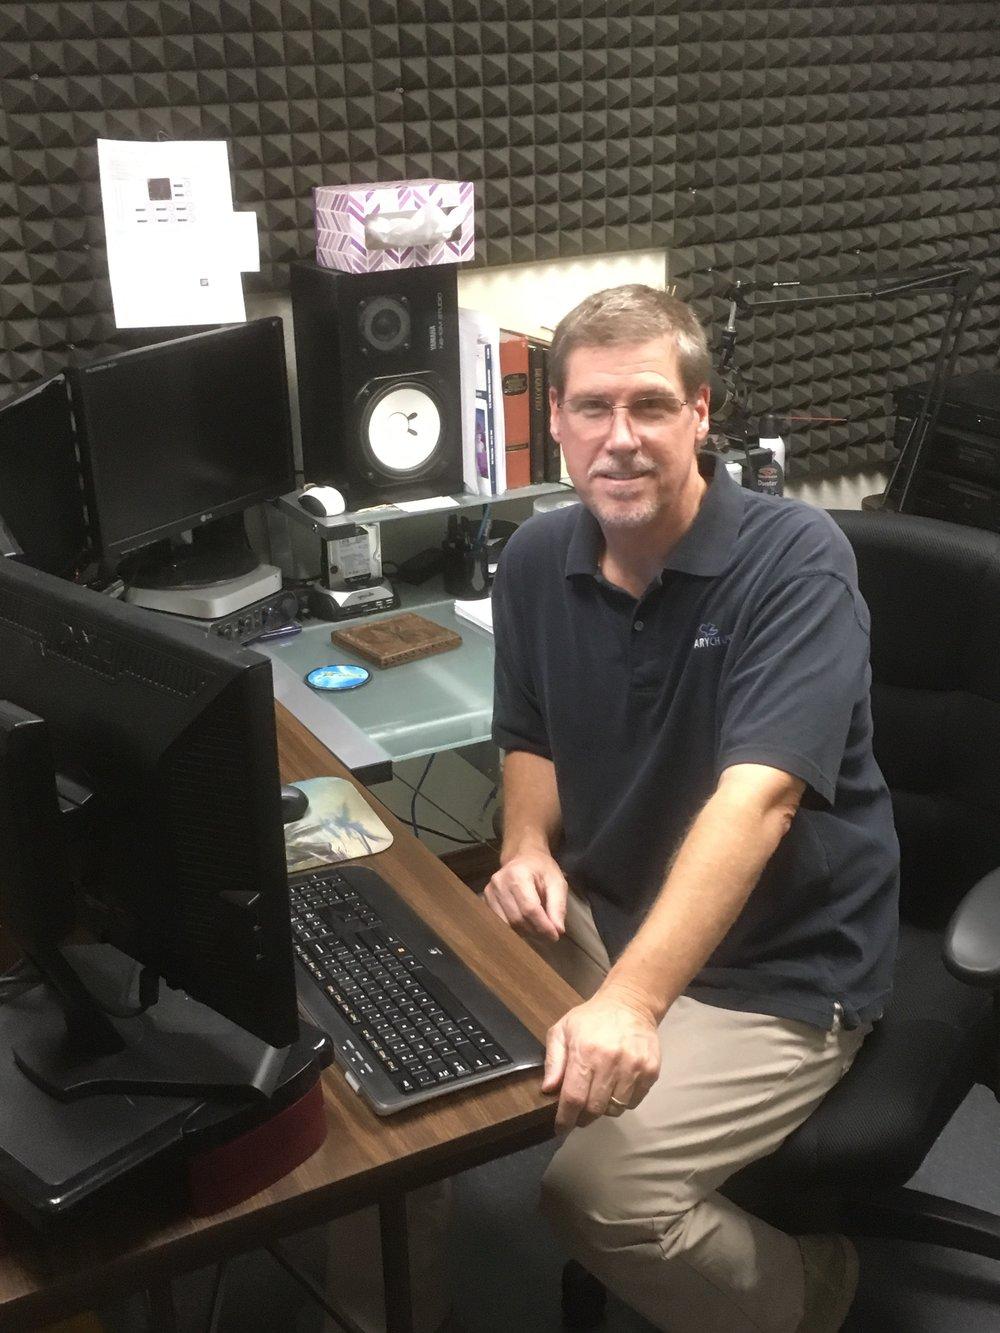 John Maher, Producer